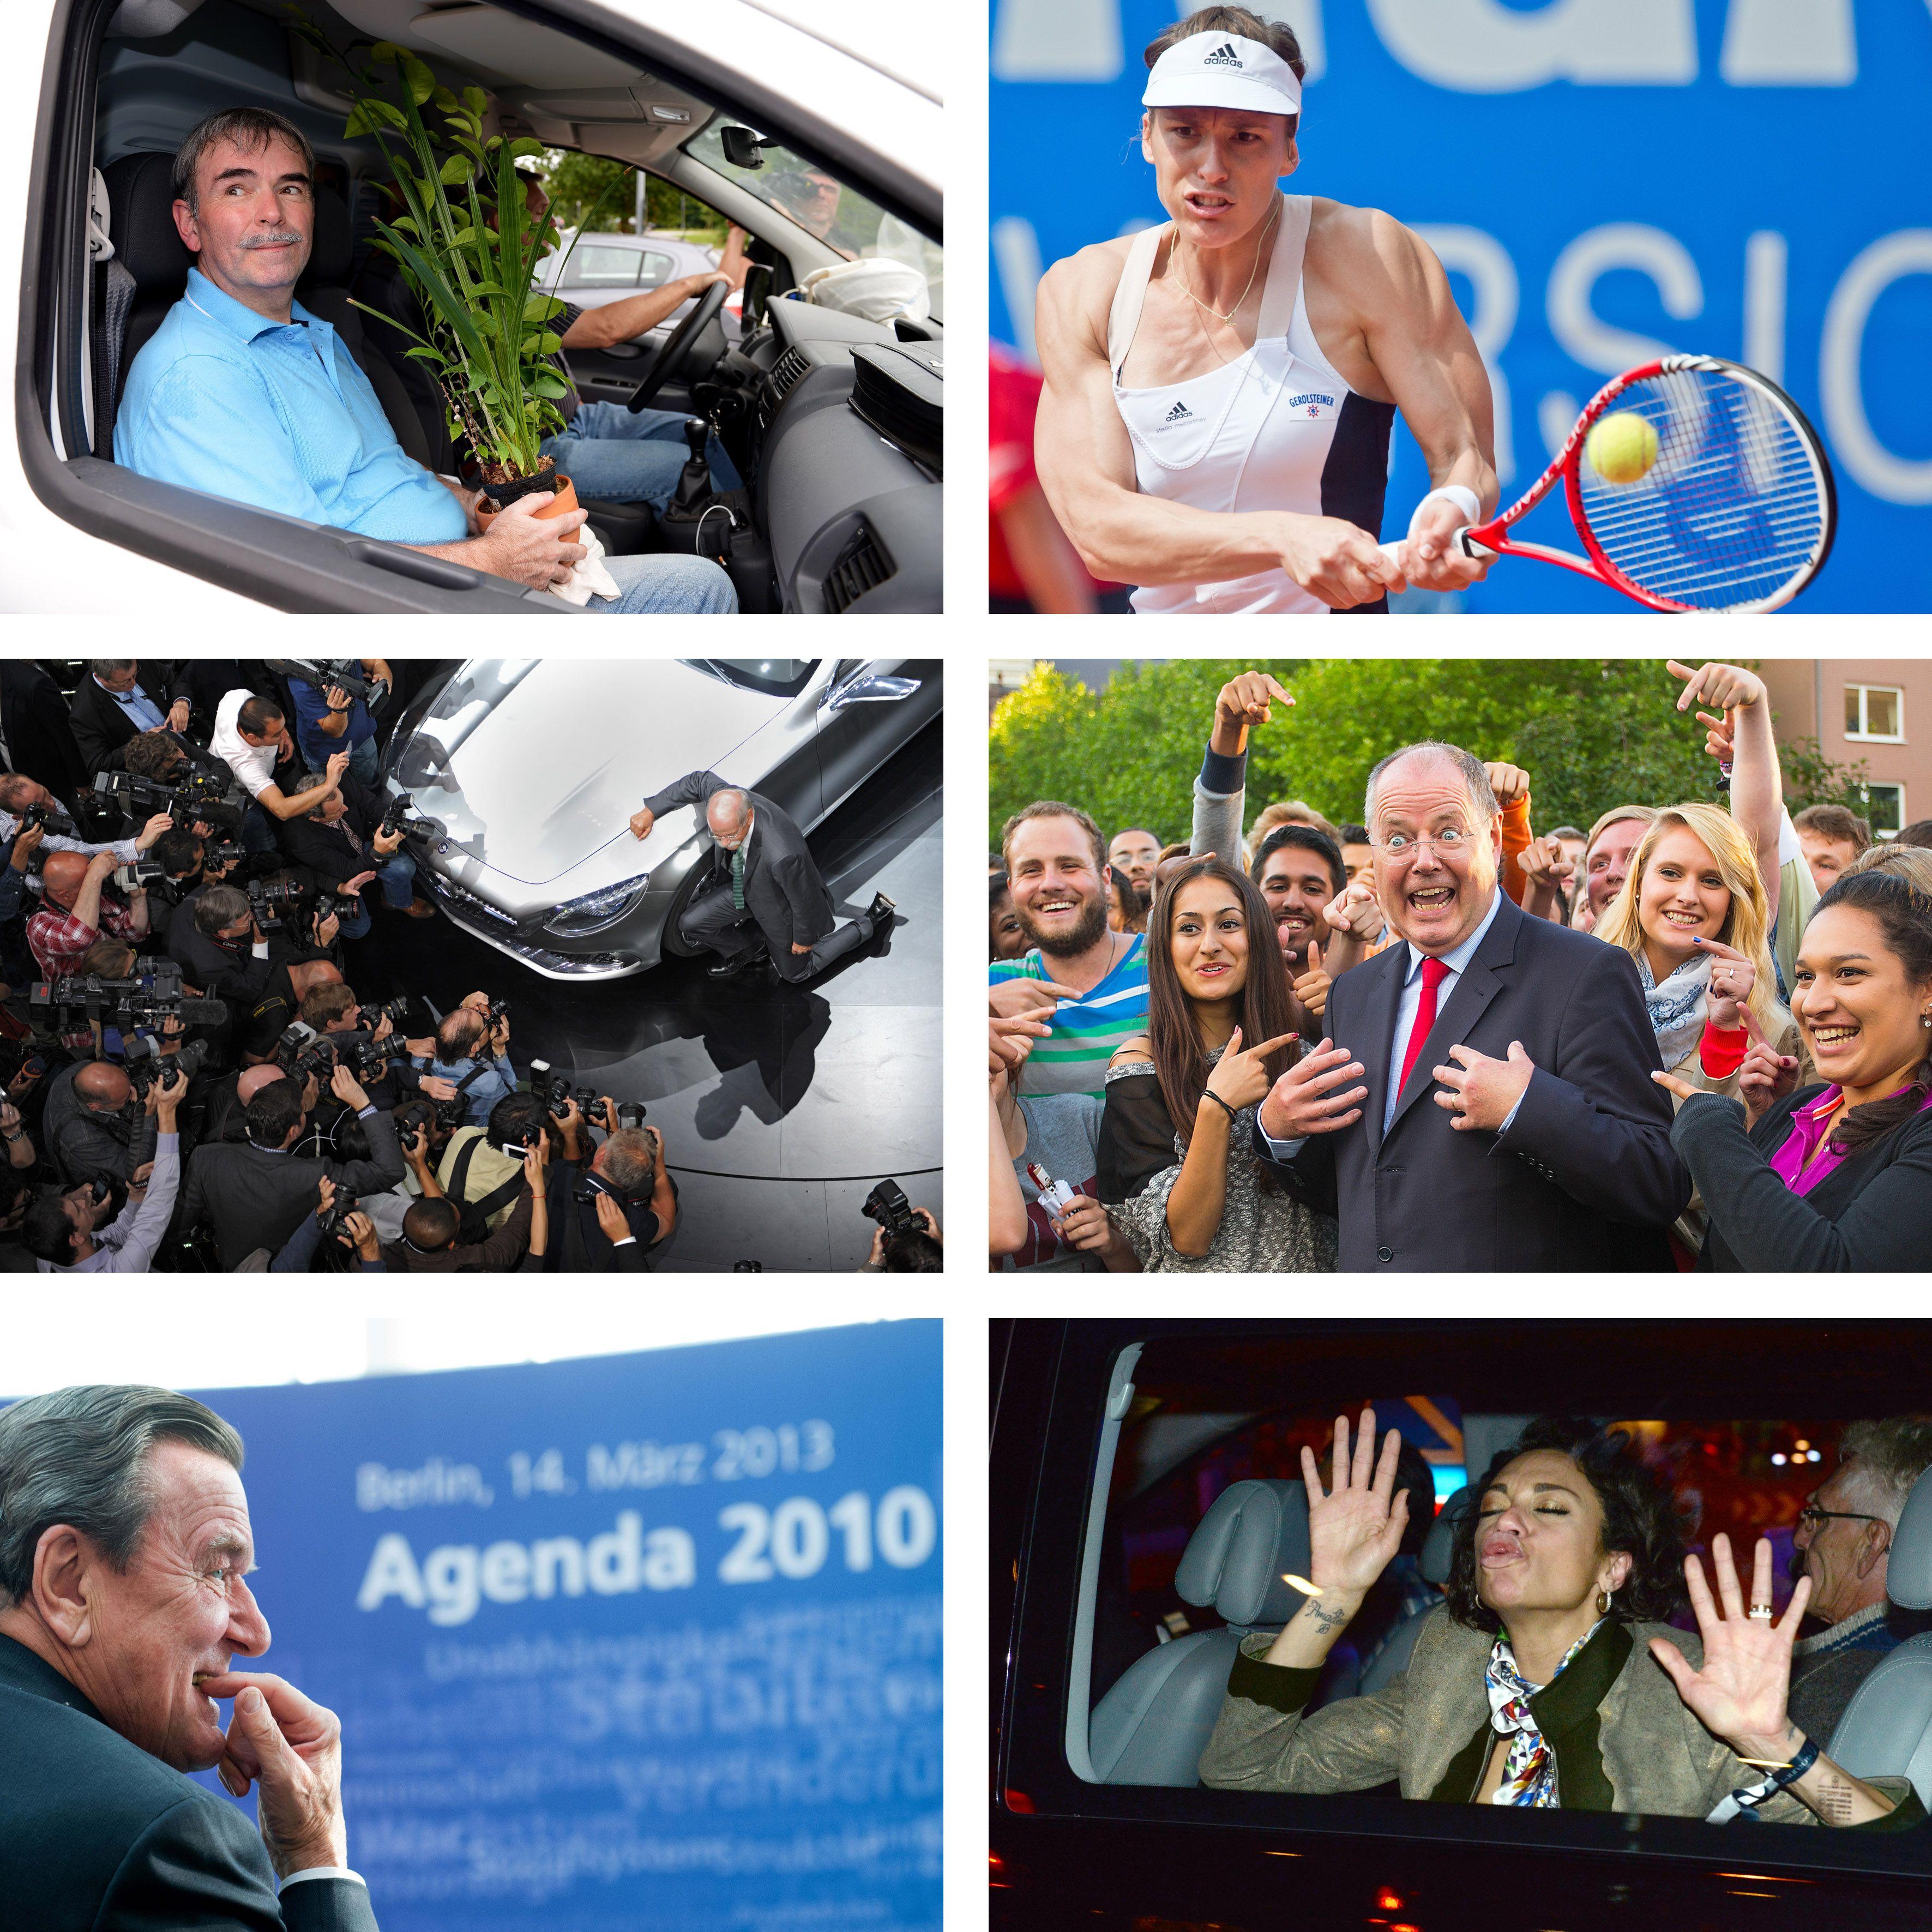 Zum 13. Mal hat die Nachrichtenagentur dpa die Leistungen ihrer Fotografinnen und Fotografen von einer unabhängigen Jury bewerten und besonders überzeugende Aufnahmen auswählen lassen